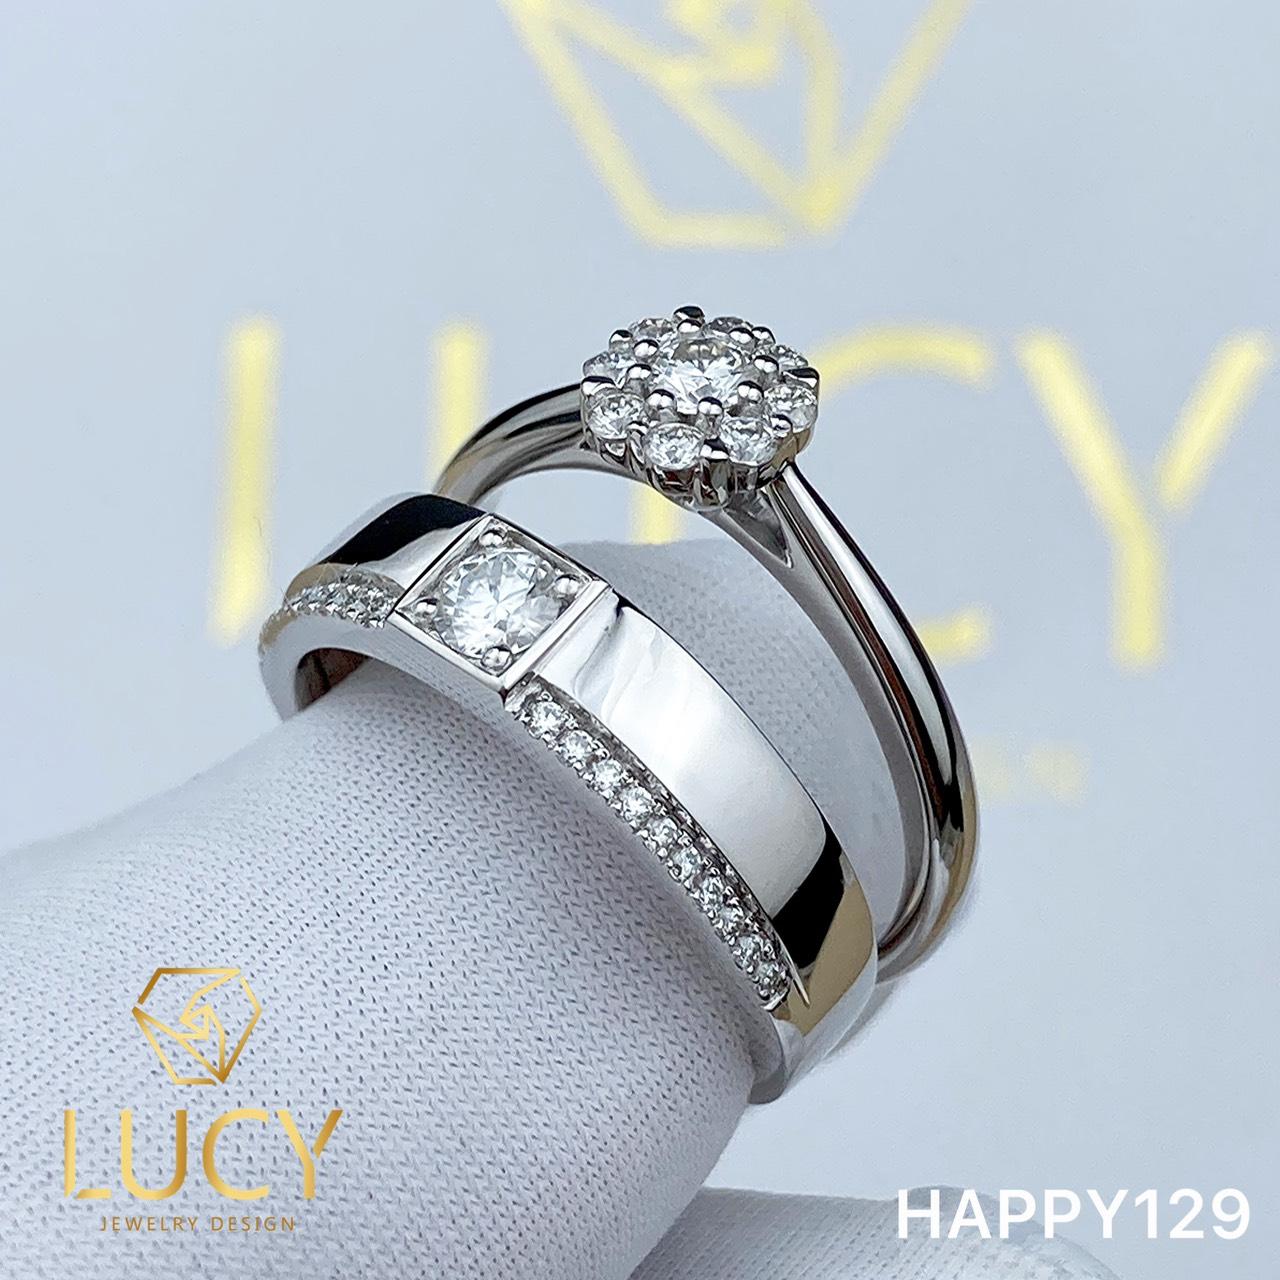 HAPPY129 - Nhẫn cưới vàng và bạch kim platinum đính CZ , Moissanite, Kim cương tự nhiên  - Lucy Jewelry